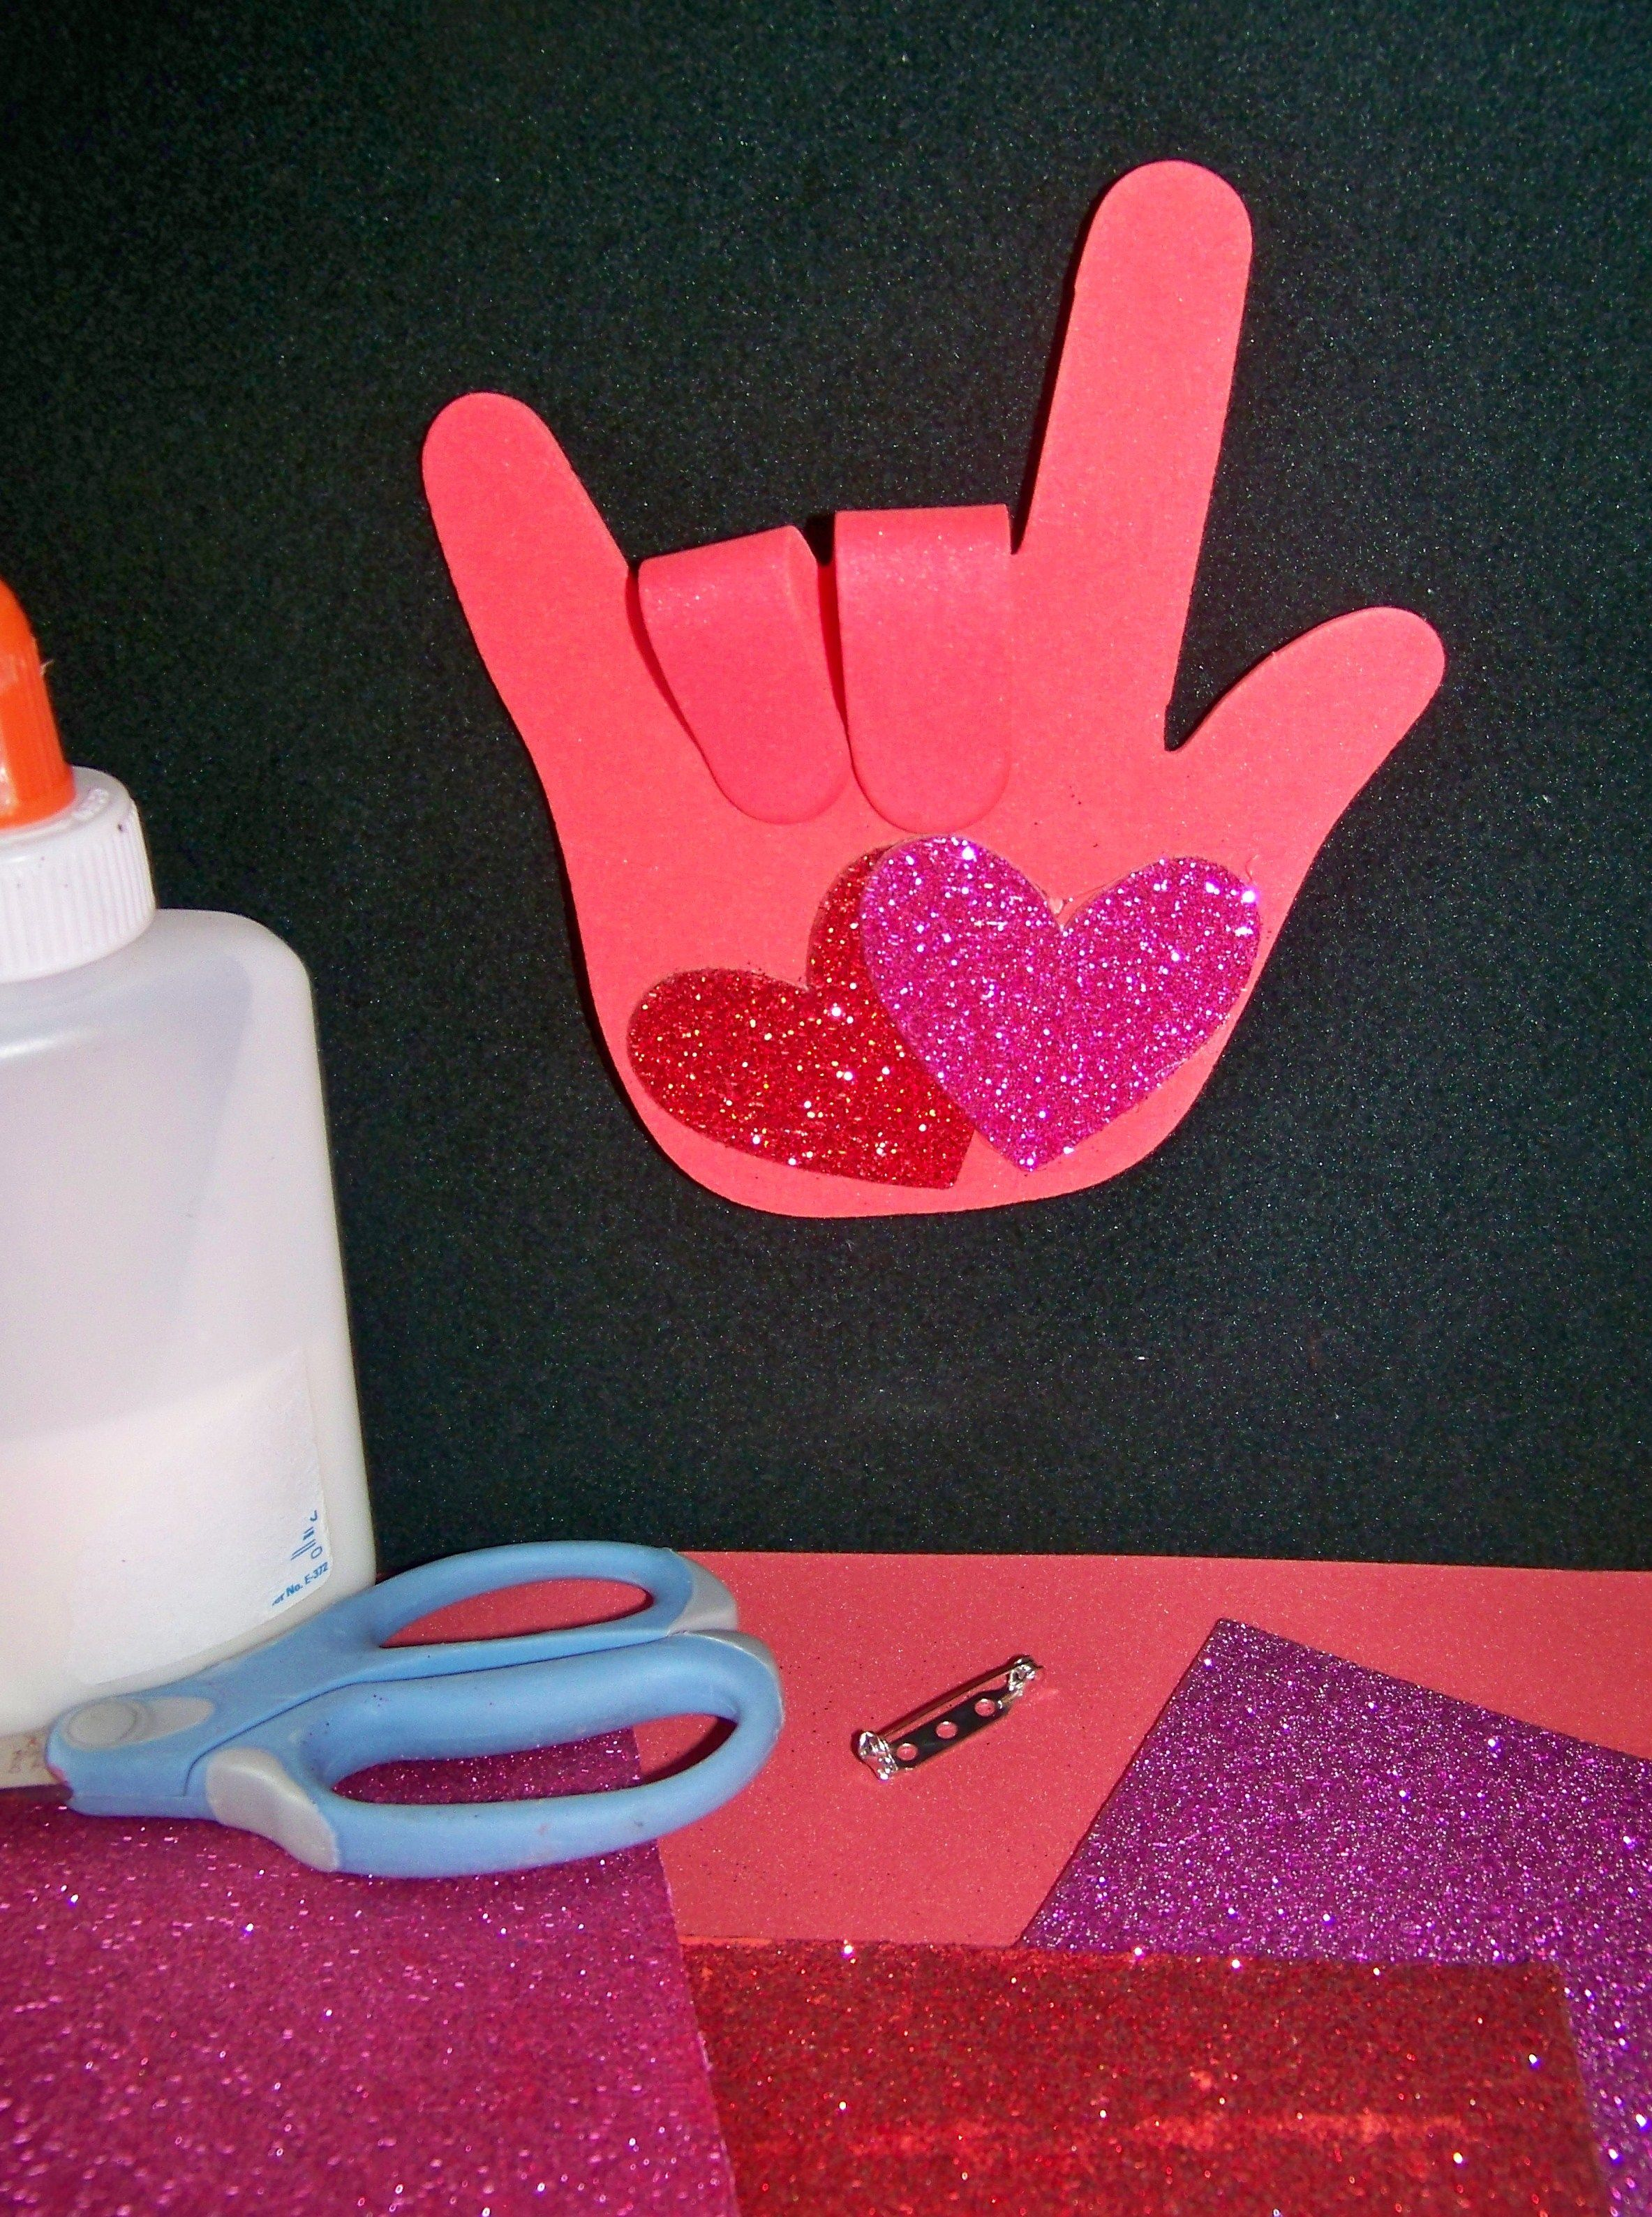 Valentines day crafts for children - Preschool Crafts For Kids Mothers Day Valentines Day I Love You Hand Print